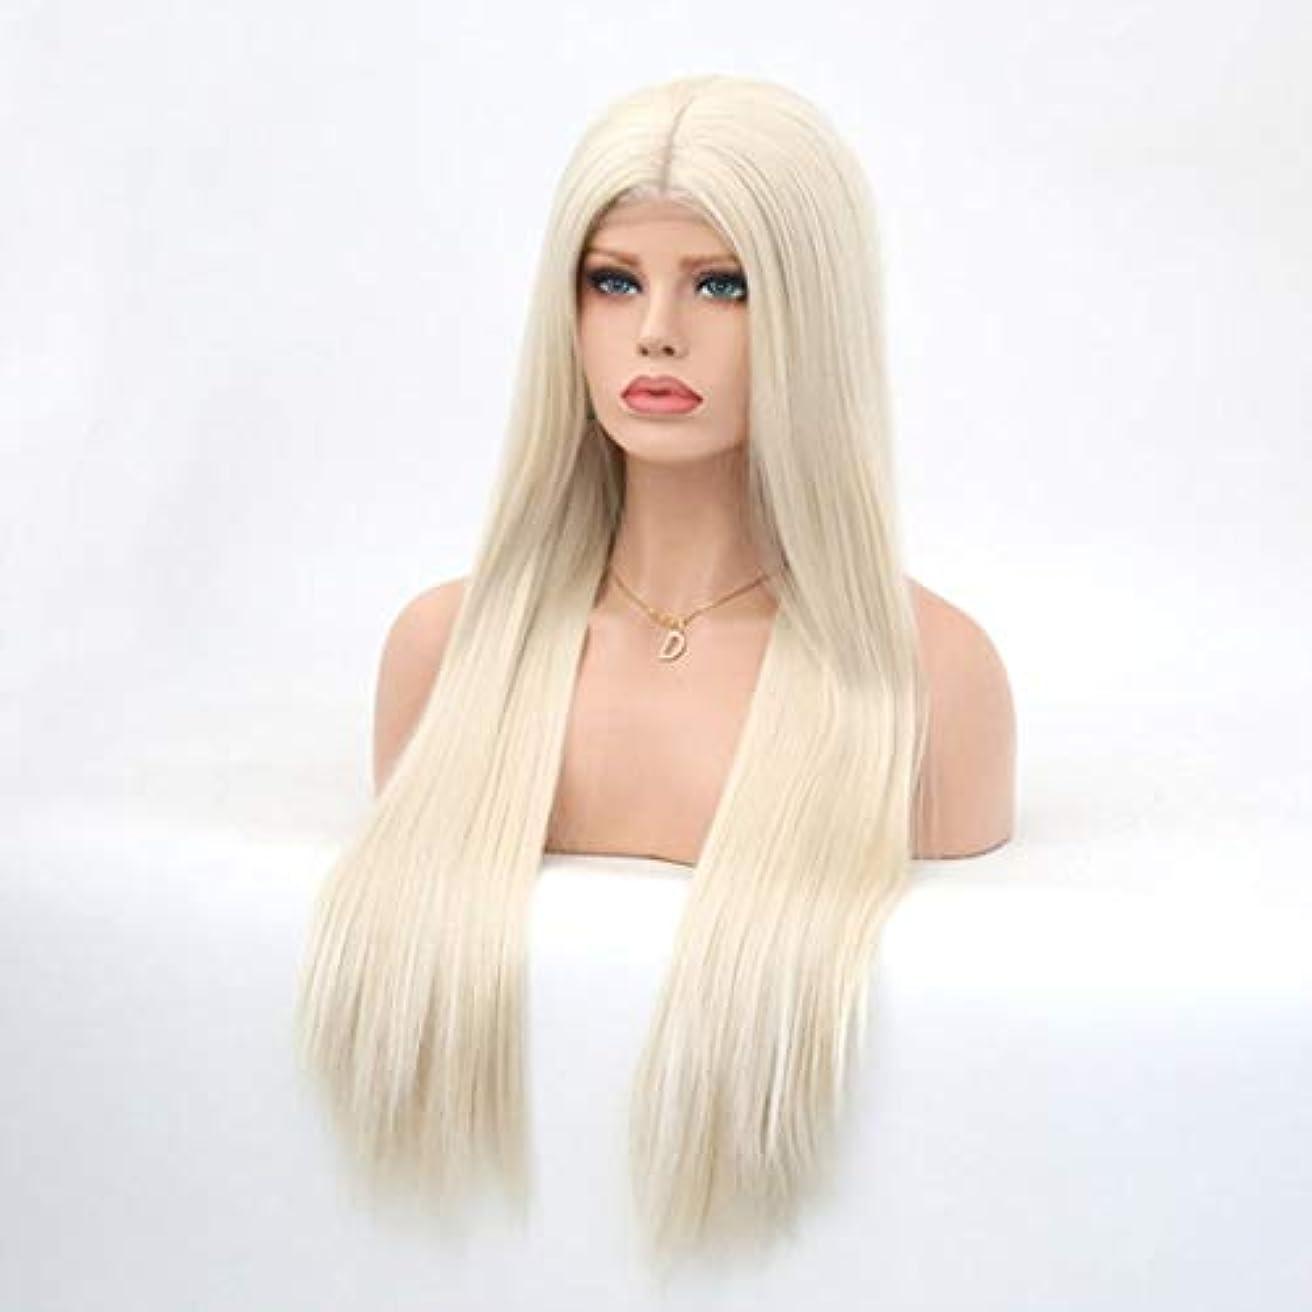 城やりすぎ送信するKerwinner レディースシルクロングストレートブラックウィッグ耐熱合成かつら前髪付きウィッグ女性用ウィッグ